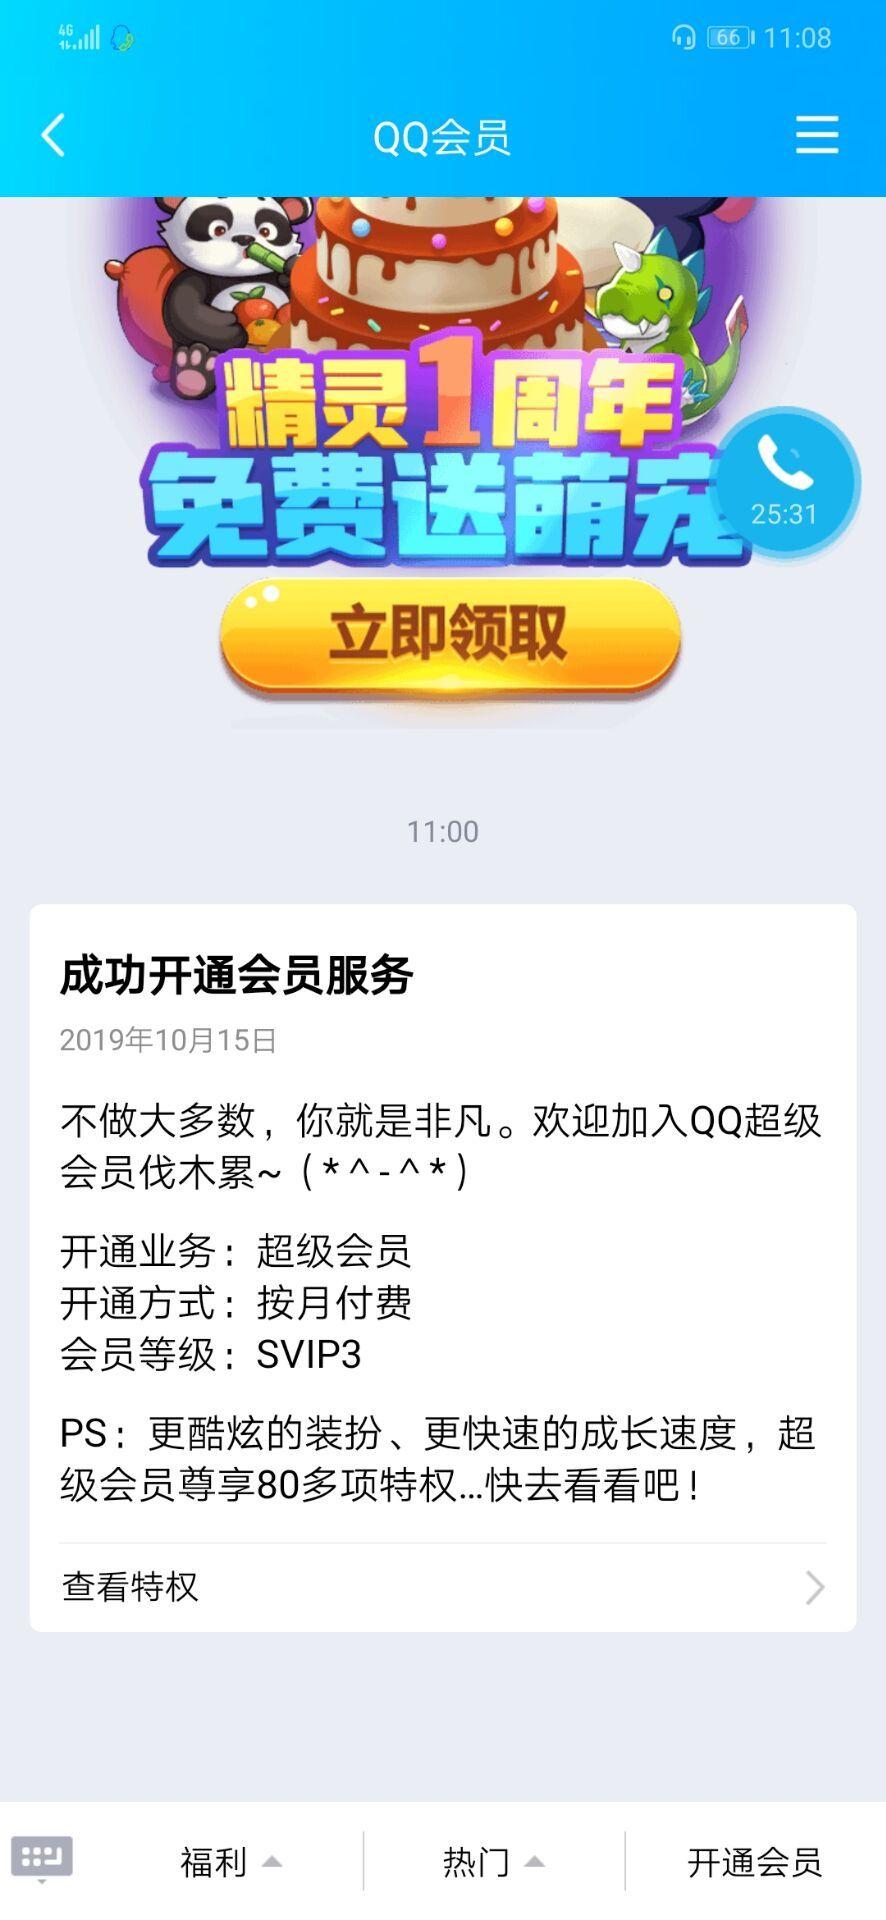 联通代码刷QQ会员 和 超级会员复活了!又可以了